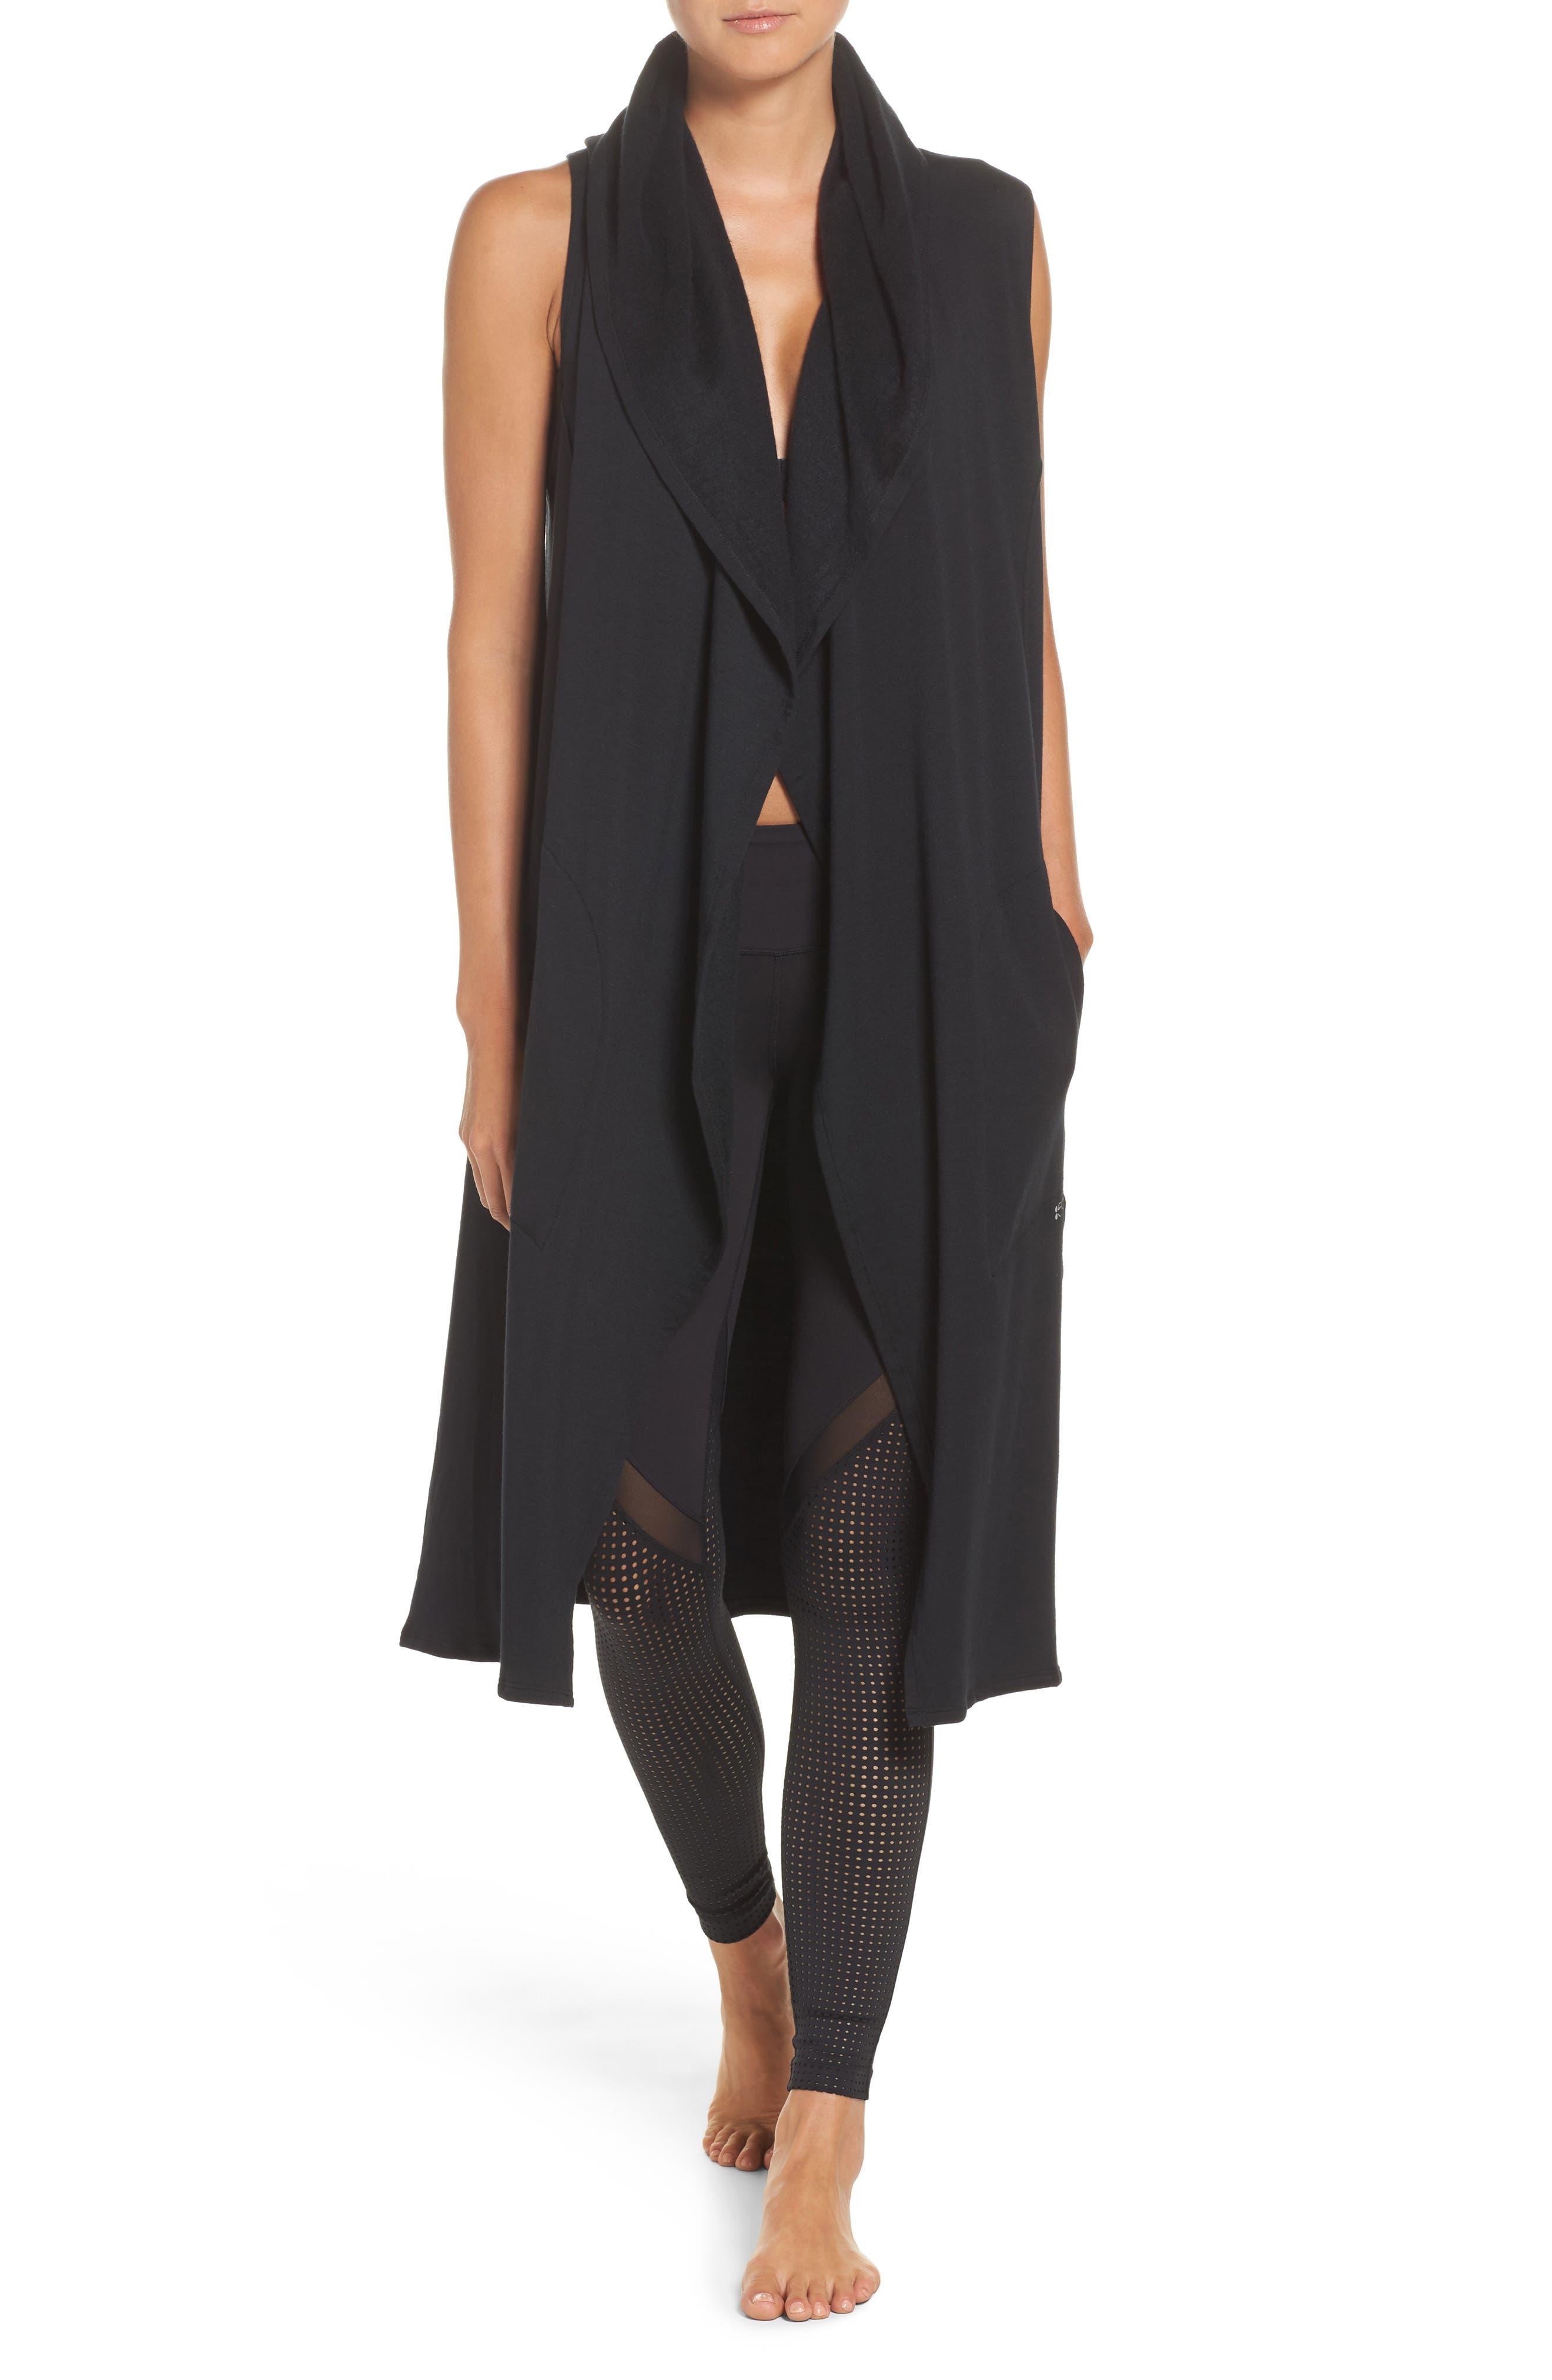 Splits59 Hooded Full Length Vest